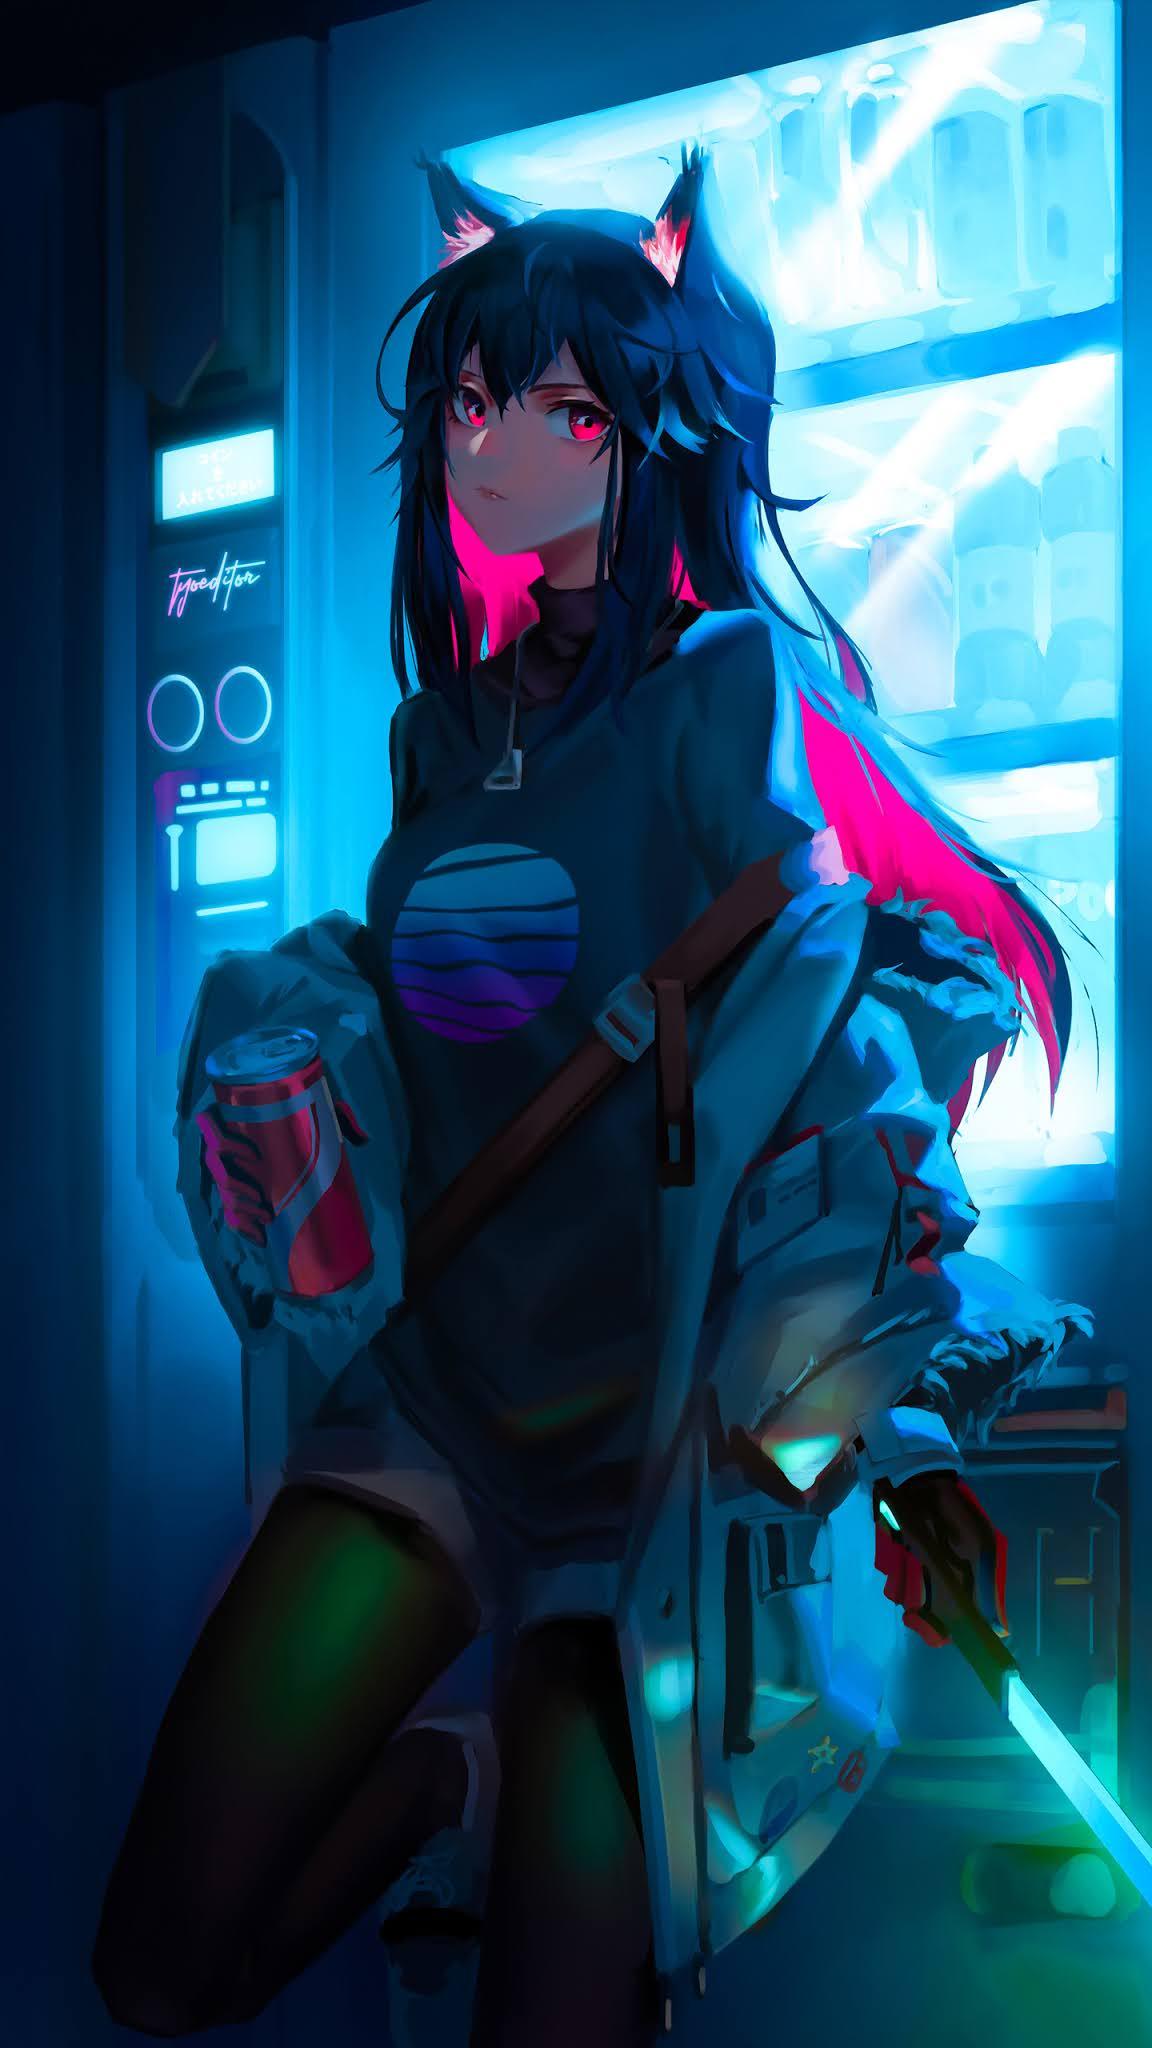 Arknights anime girl mobile wallpaper